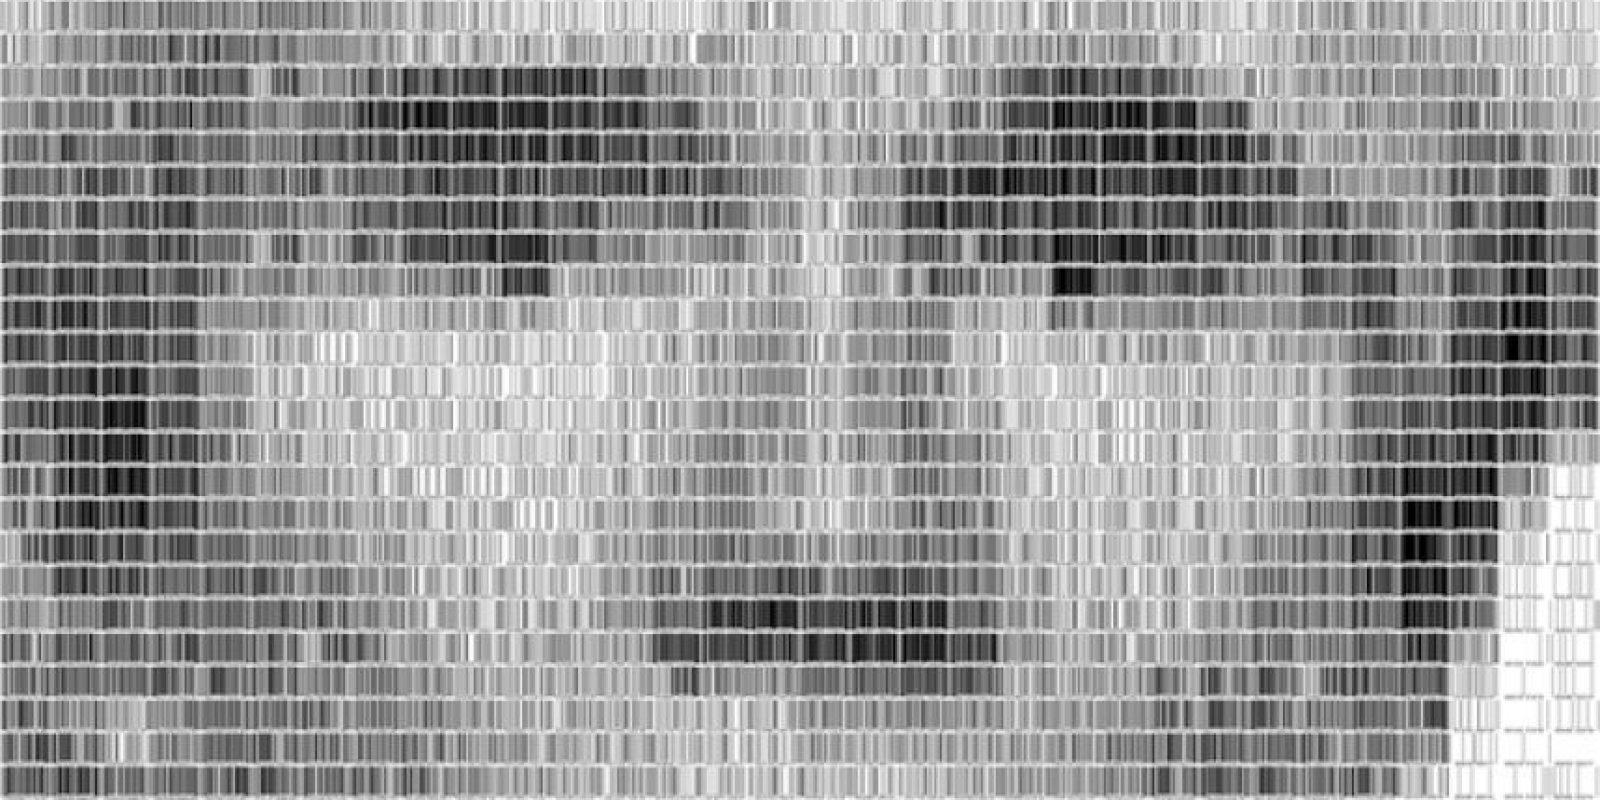 4. Andy Warhol Foto:api.ning.com